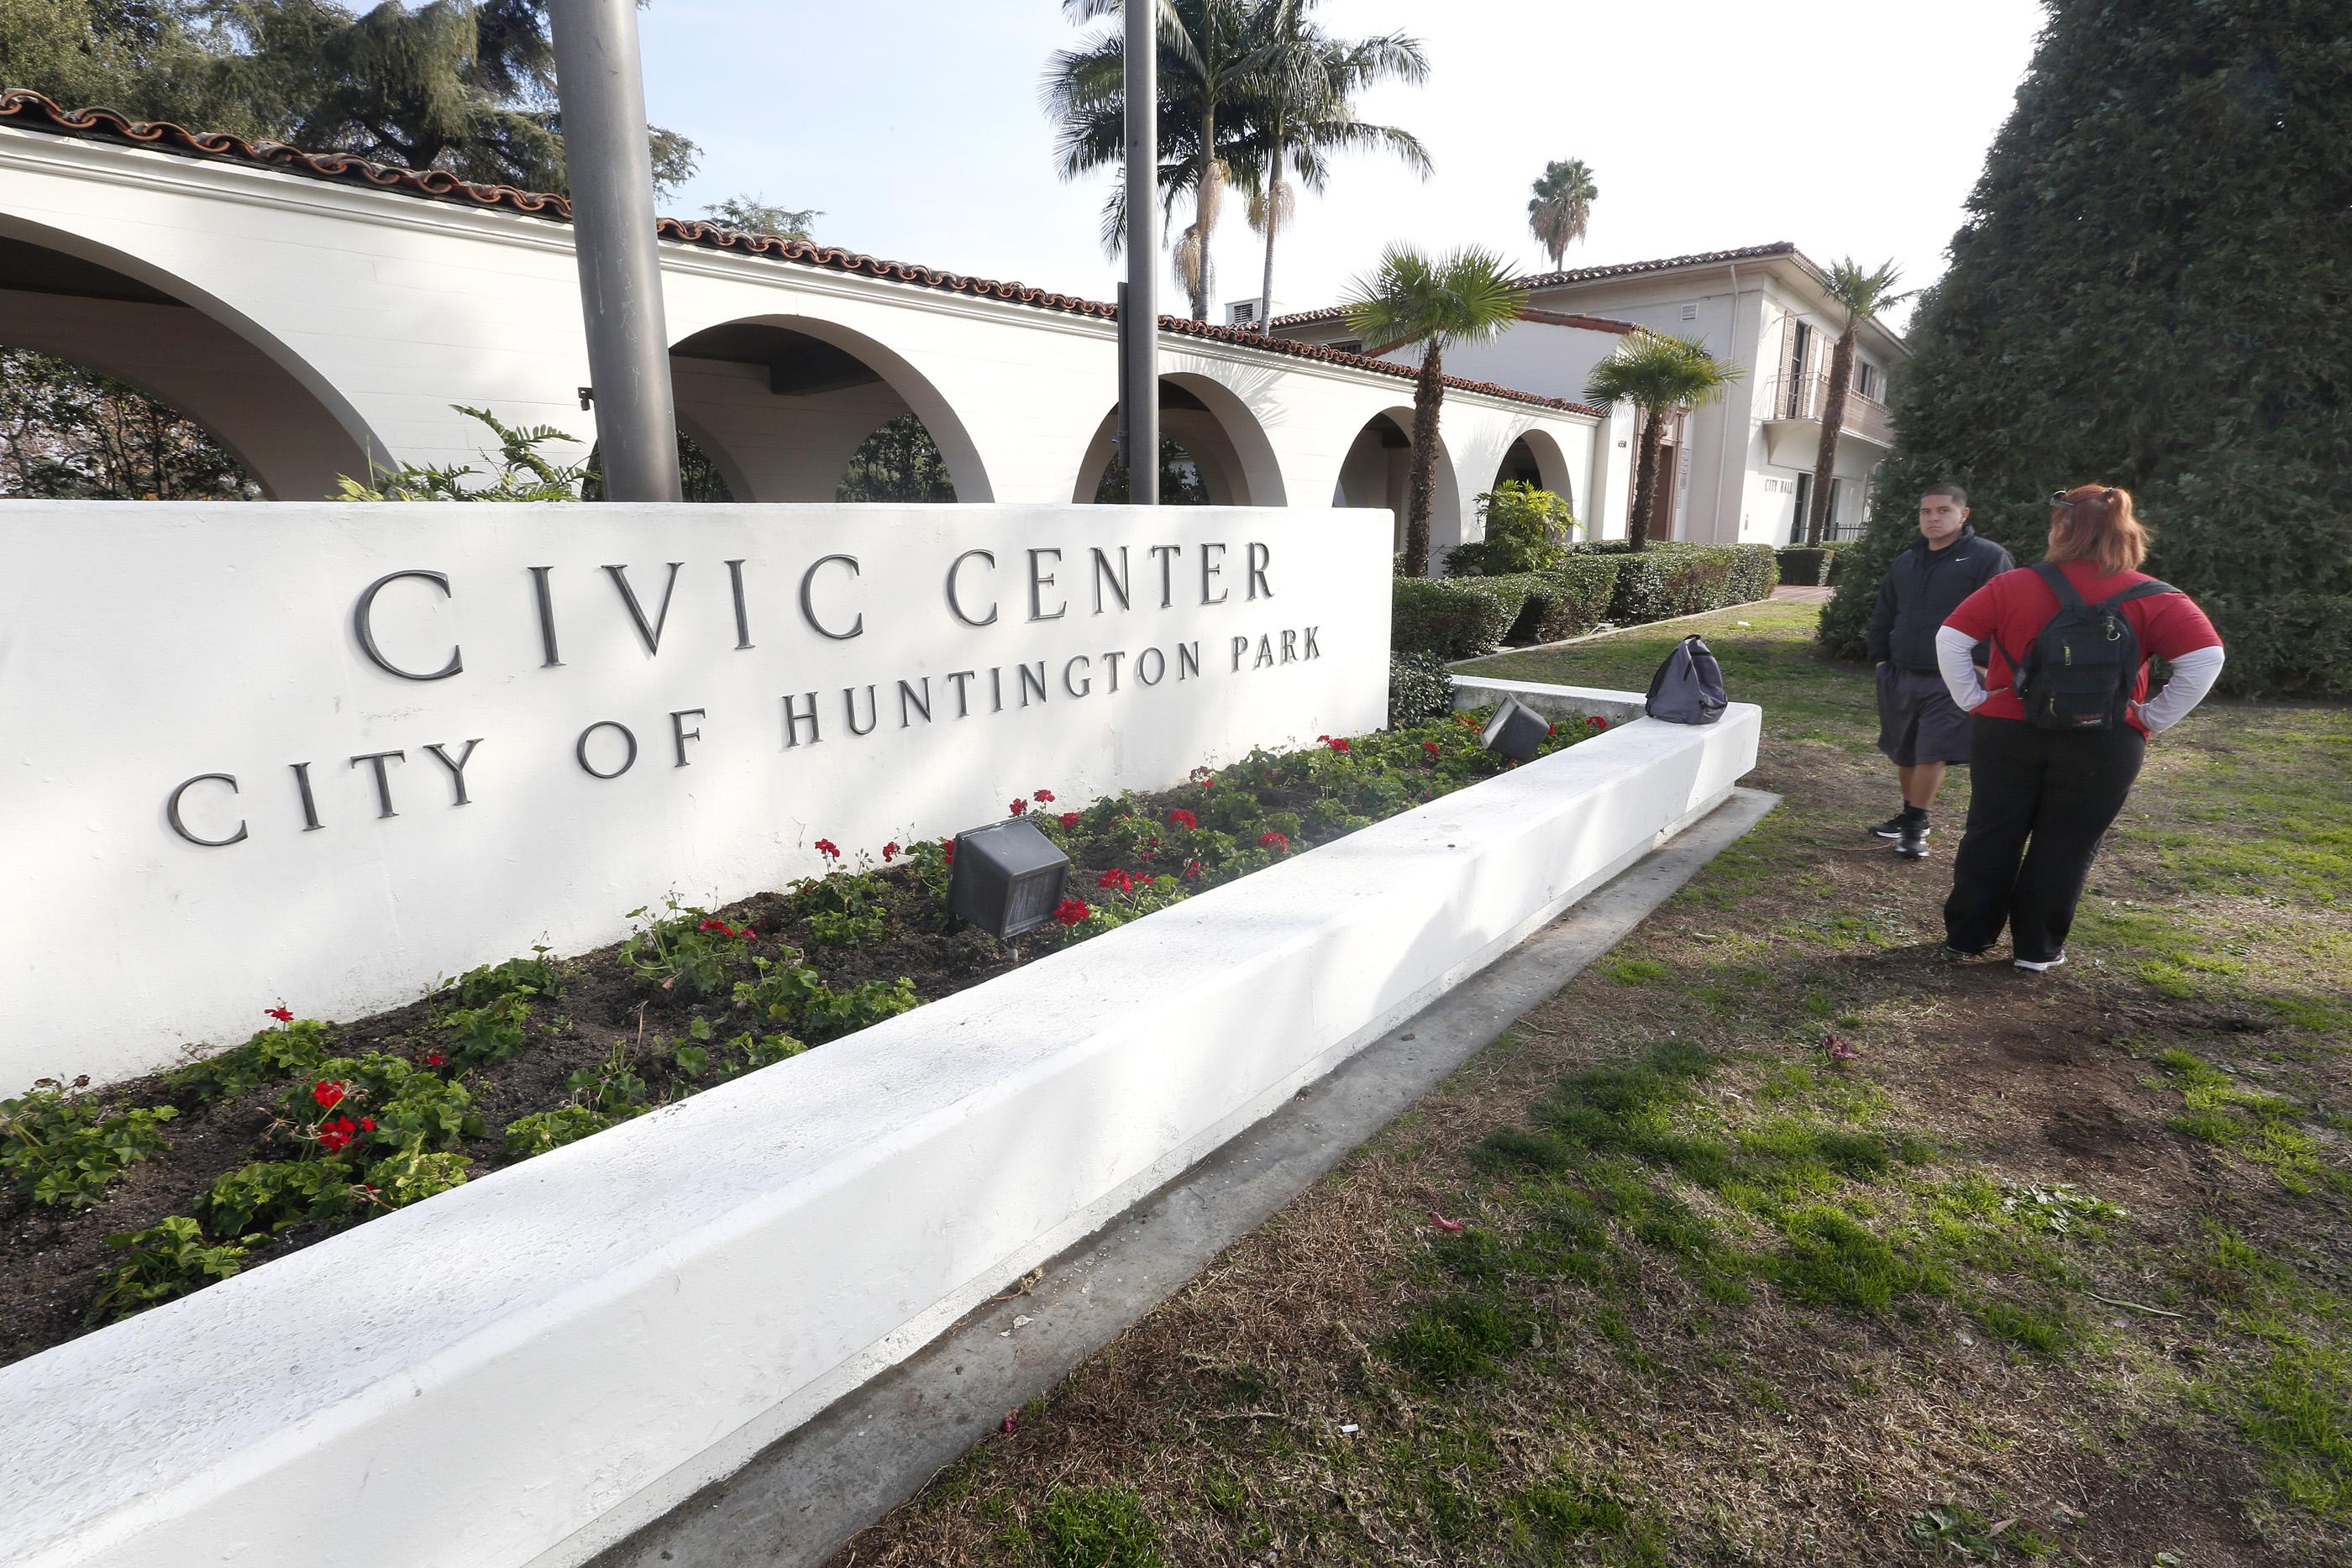 Un grupo de personas han pedido destituir a cuatro de los cinco concejales en el Cabildo de Huntington Park. /AURELIA VENTURA